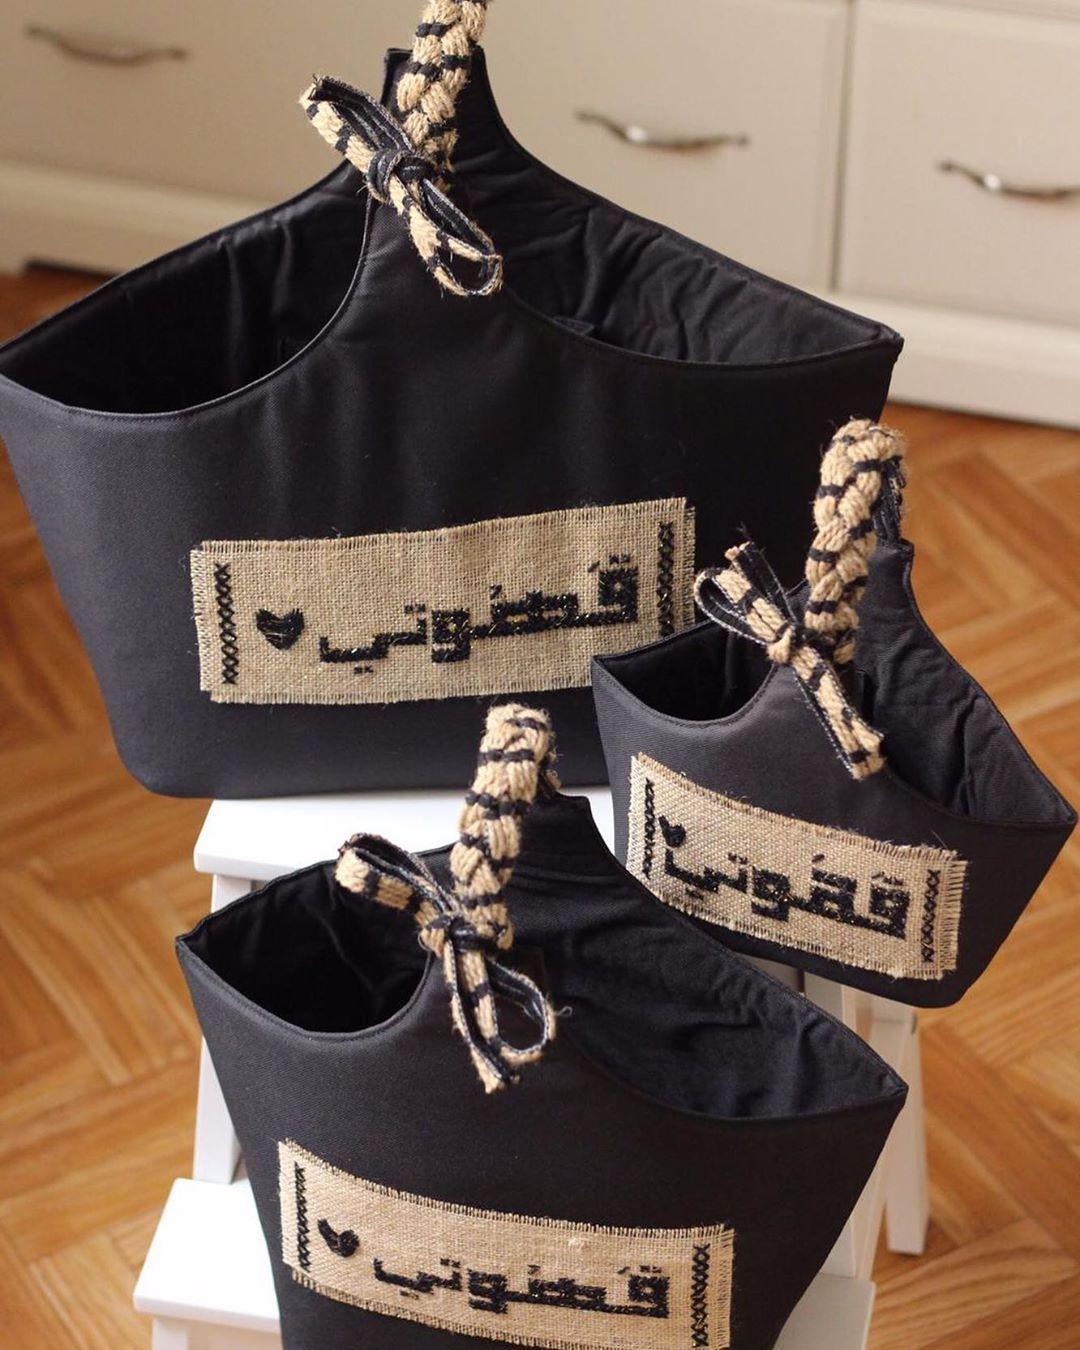 للطلب بحب عن طريق Code 10off كود الخصم Noqoshart Handmade Chanel Deauville Tote Bag Tote Bag Daycare Provider Gifts